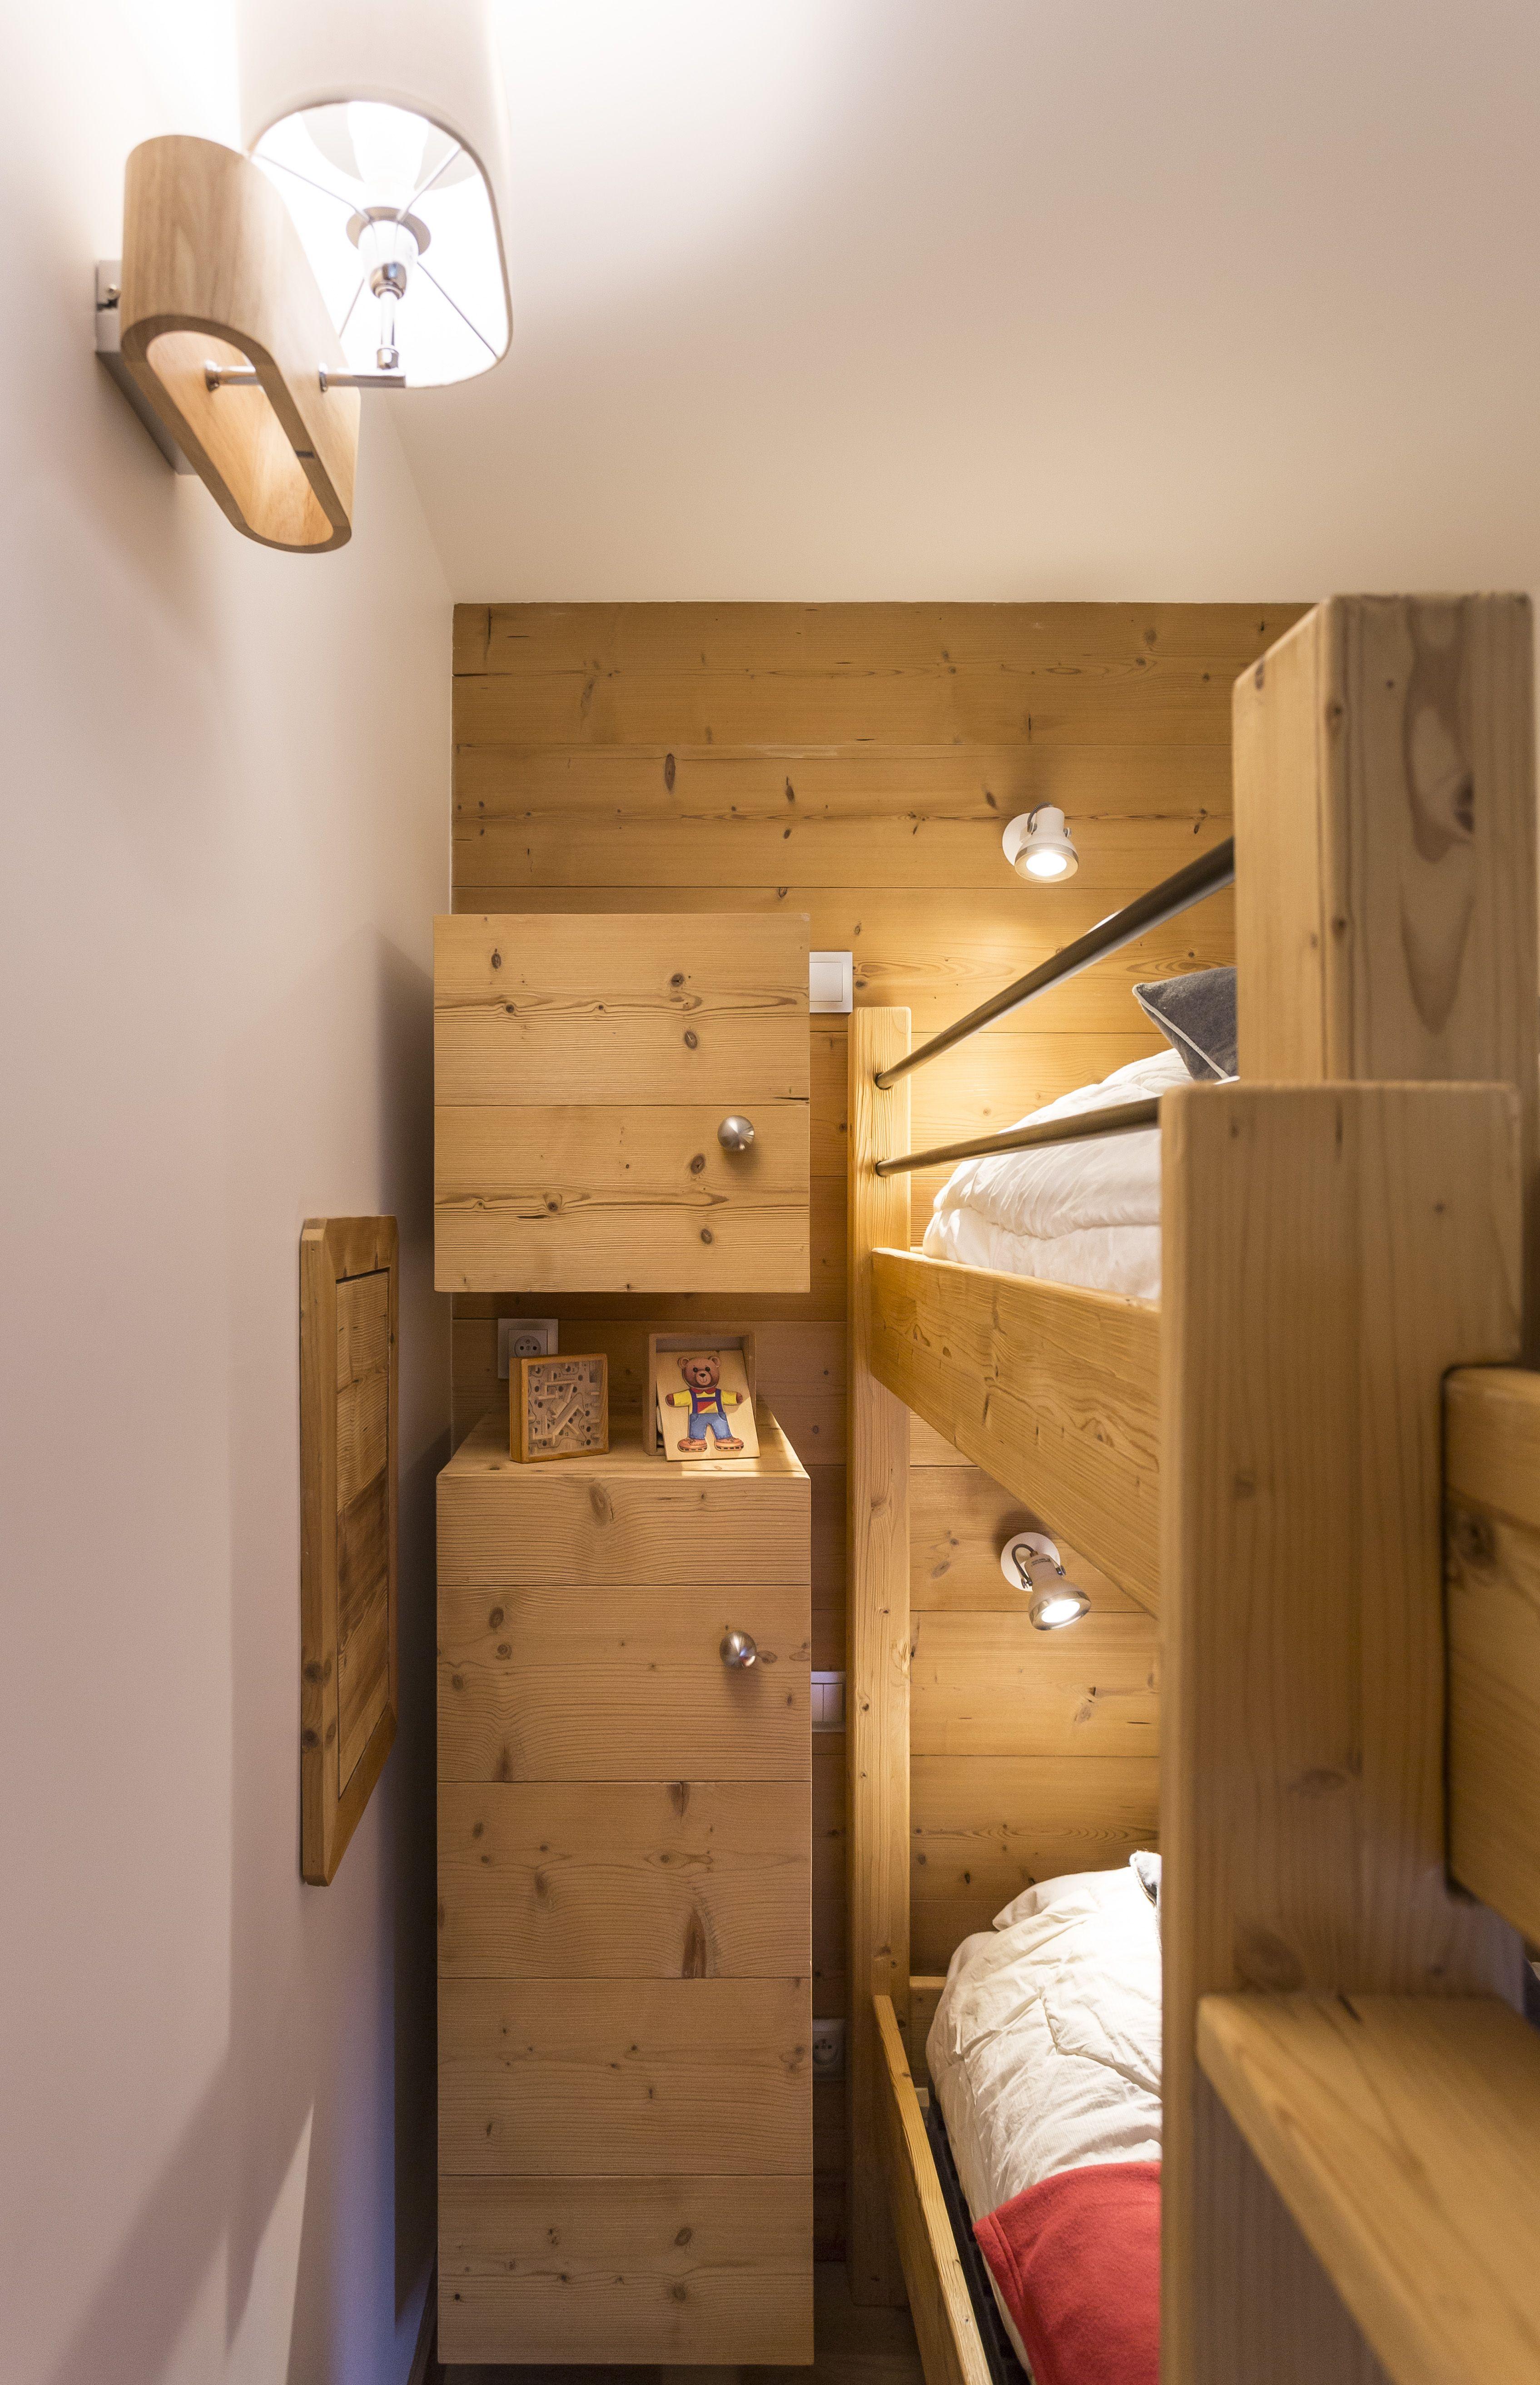 Chambre Enfants Decoration Architecture Interieur Et Mobilier De Montagne Savoie Et Haute Savoie Manu Reybo Architecture Interieure Architecture Design Savoie